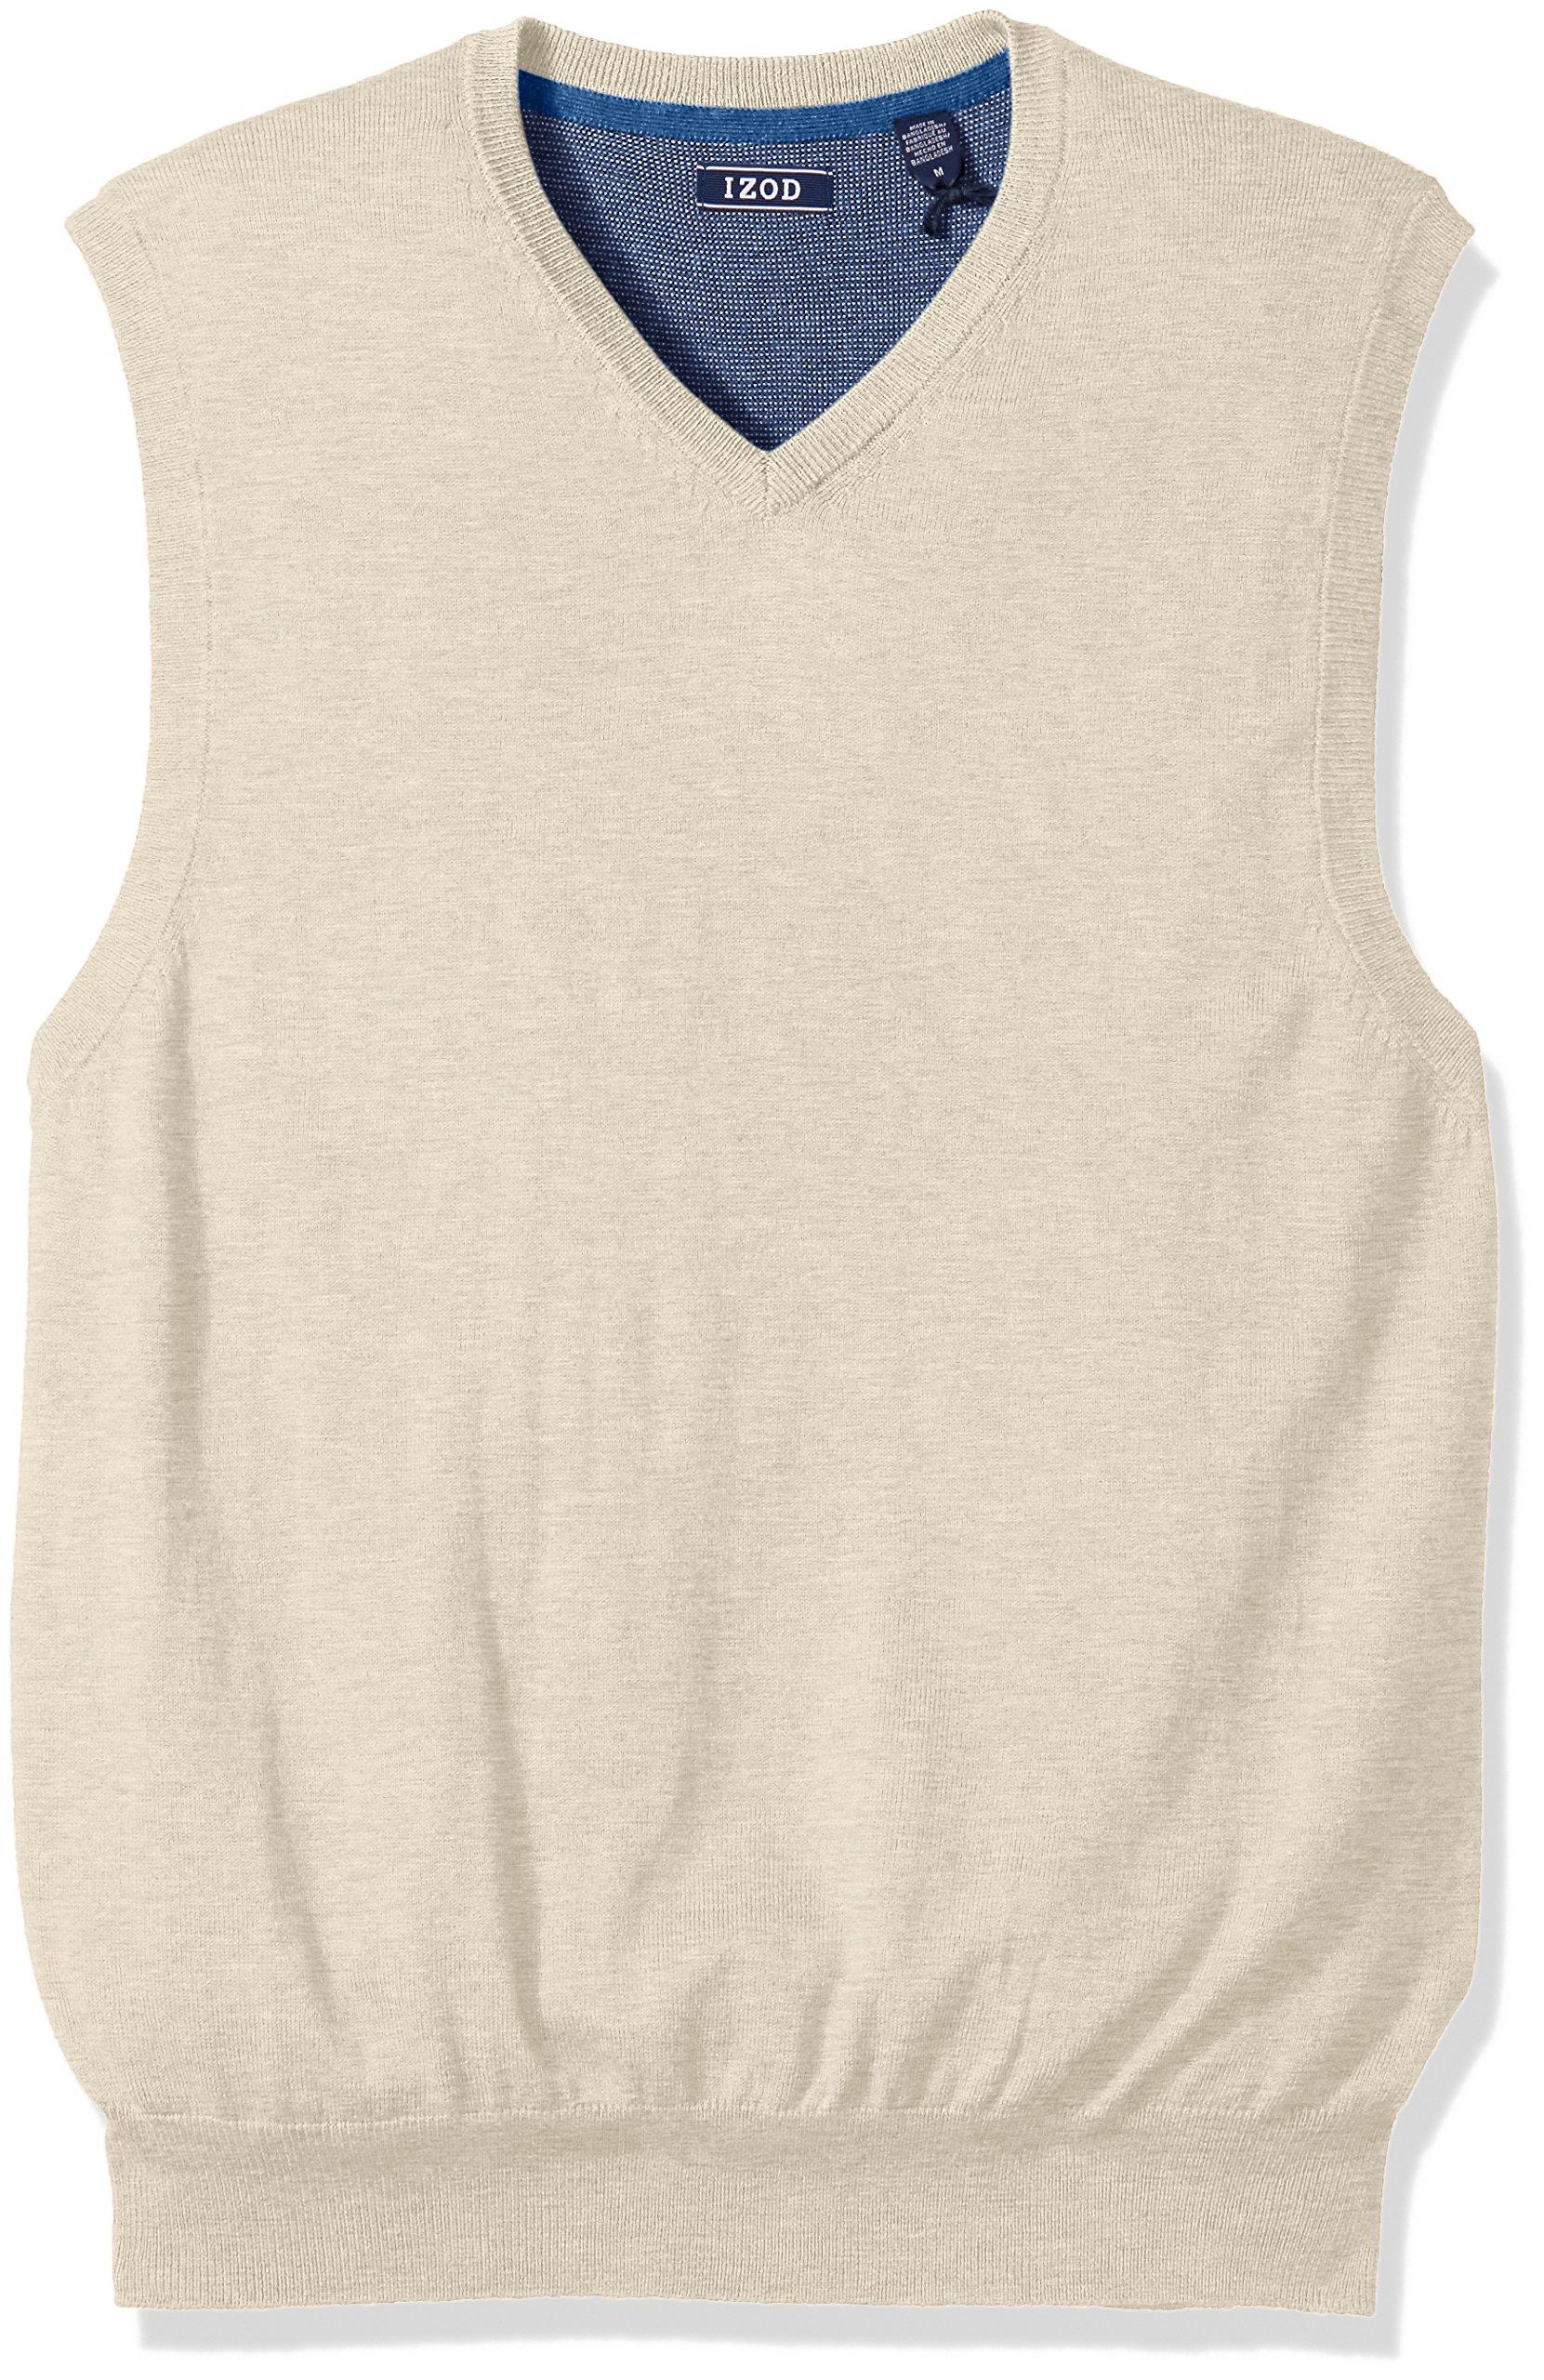 IZOD Men's Fine Gauge Solid Sweater Vest, Rock Heather, Small